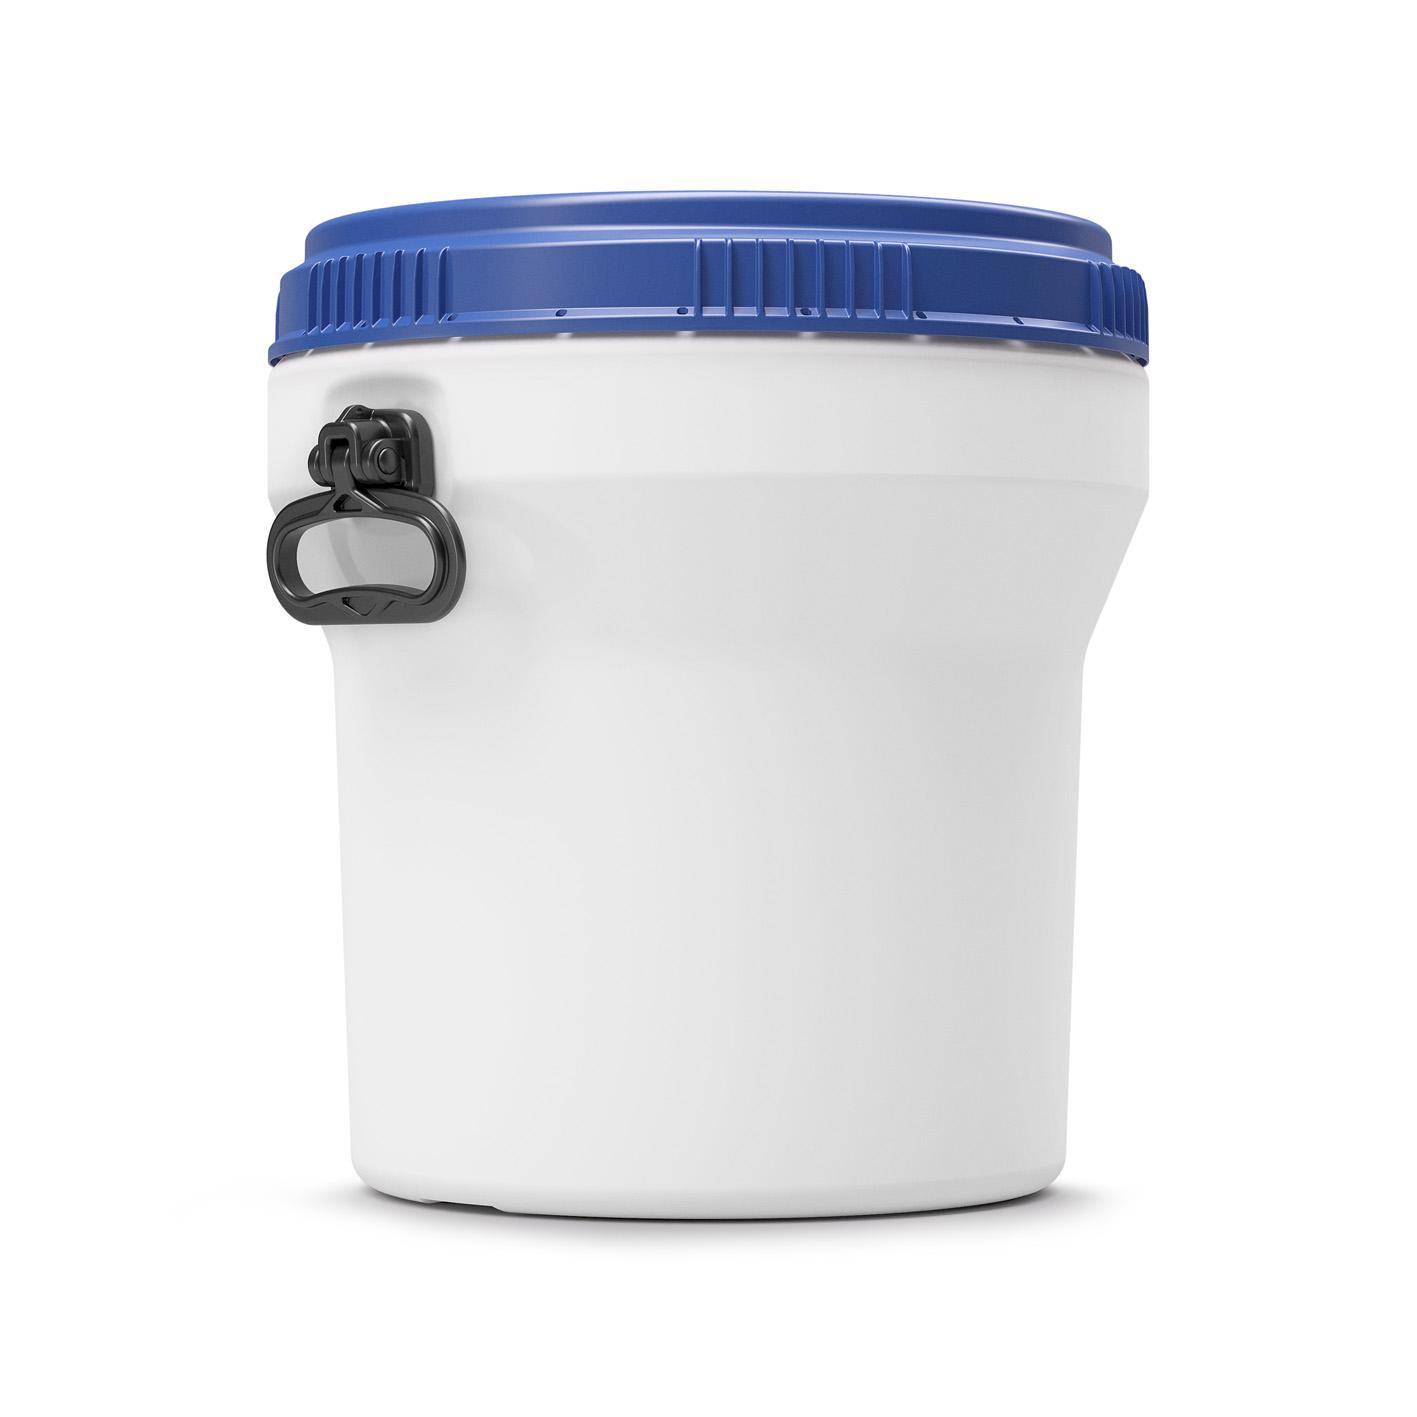 30 liter Nestable drum